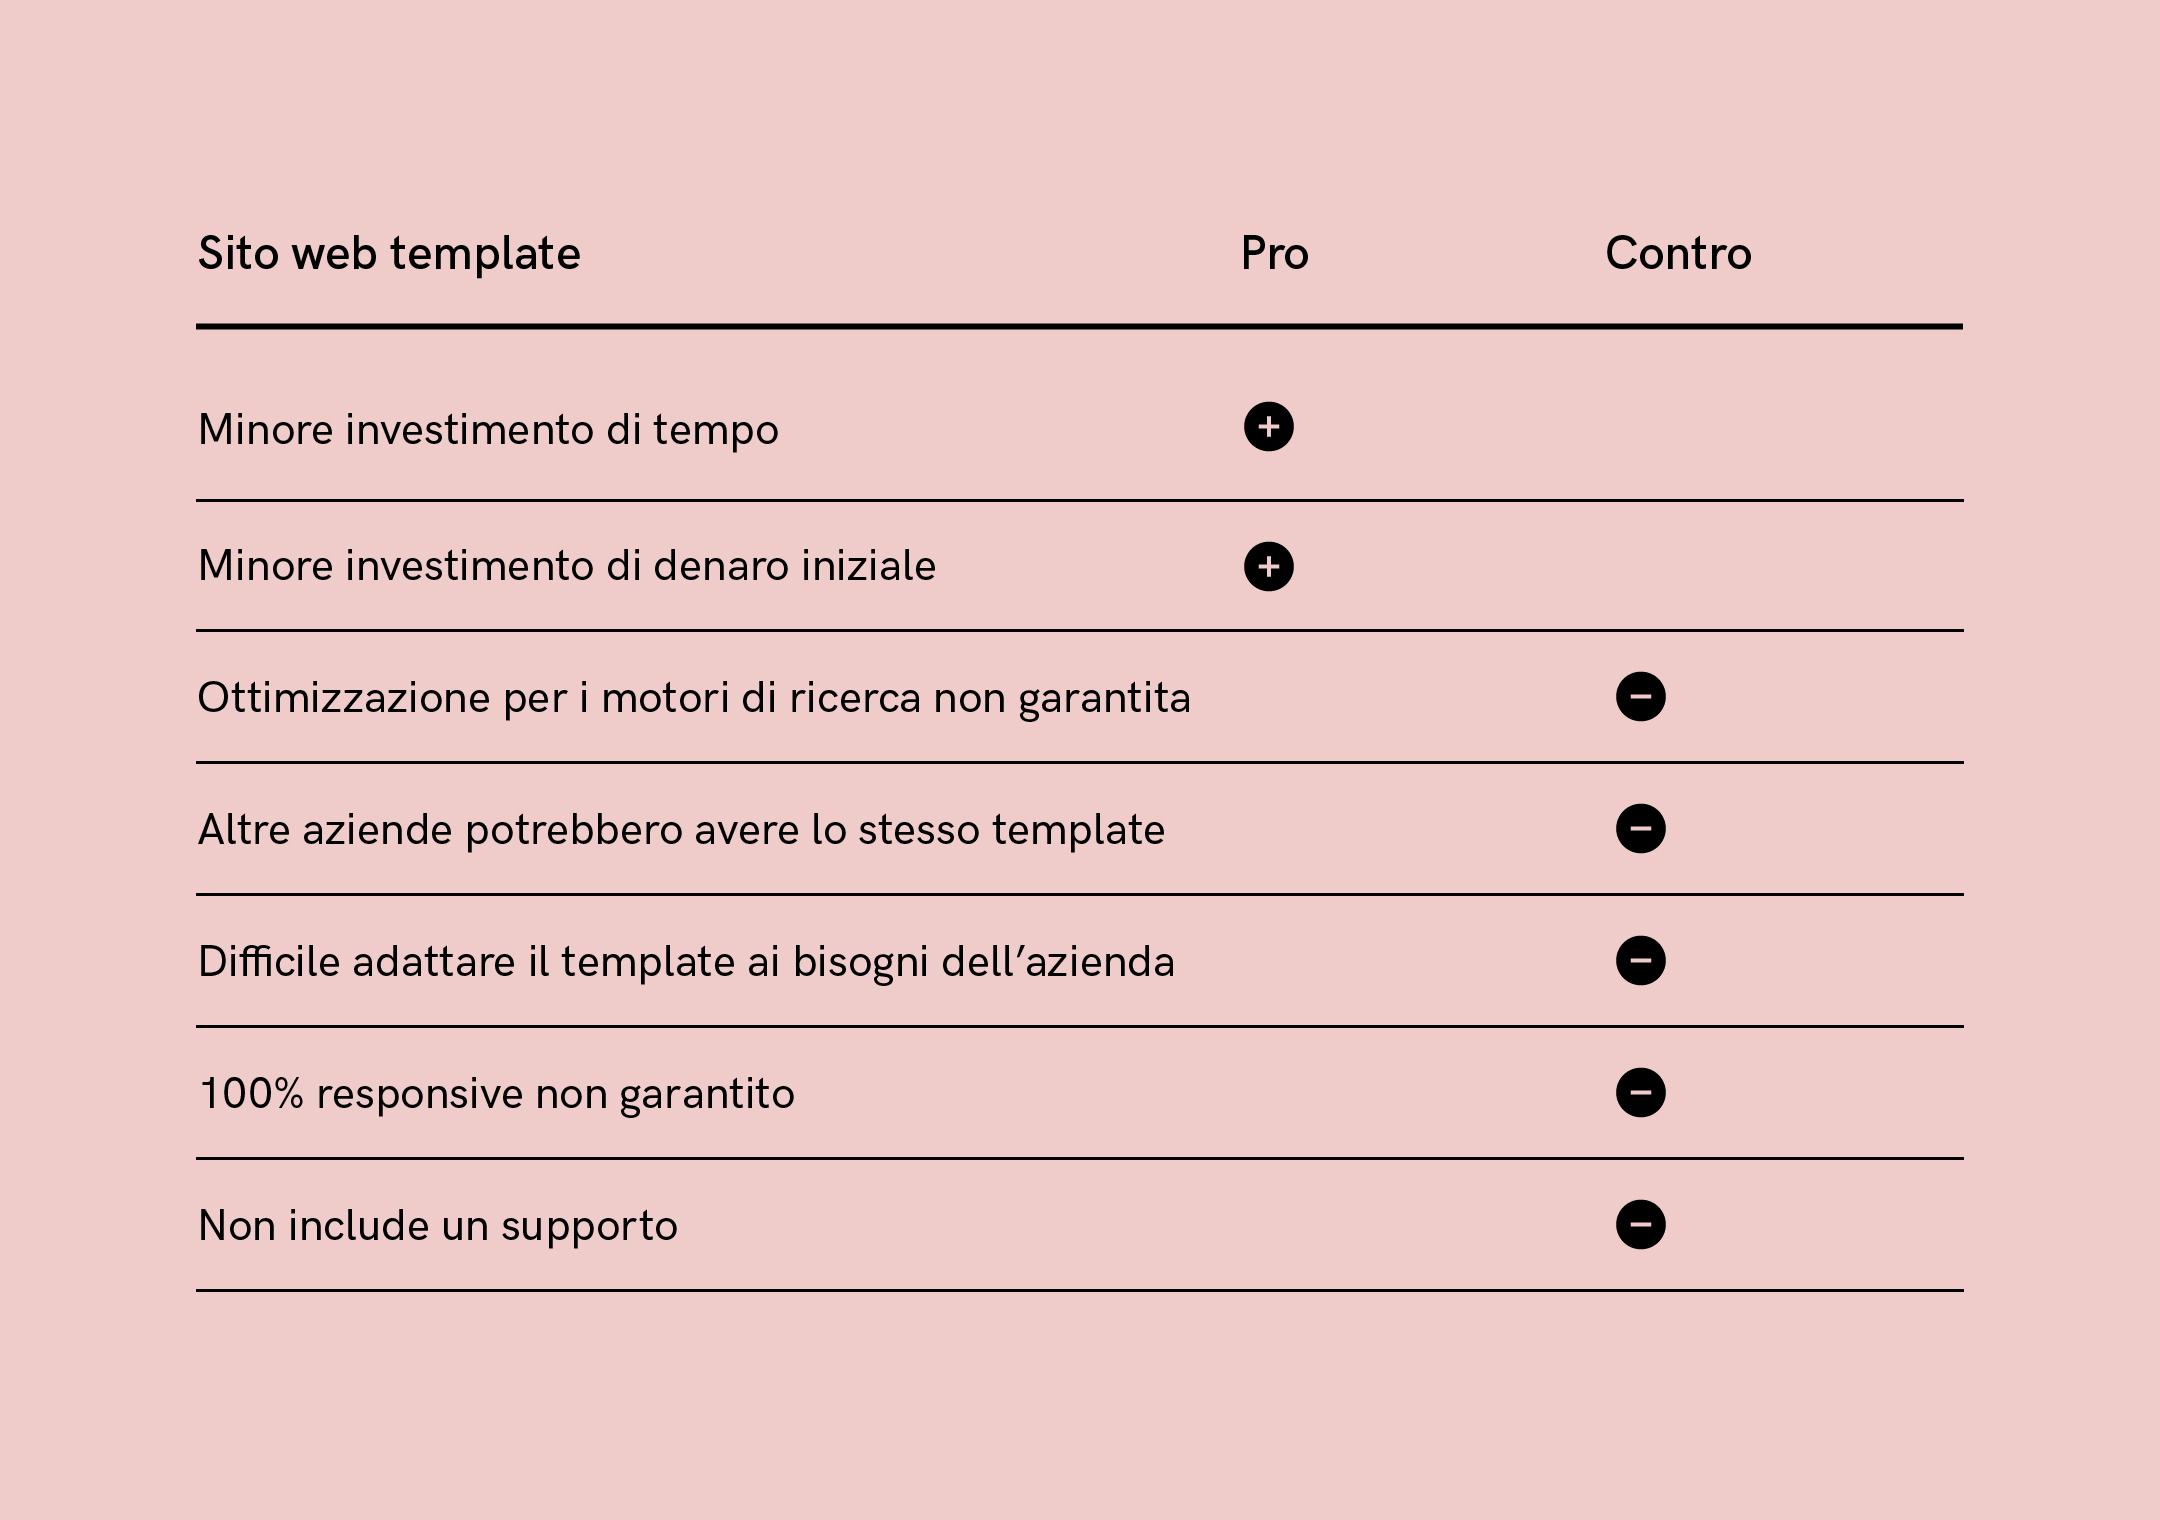 Sito web template - Pro e Contro